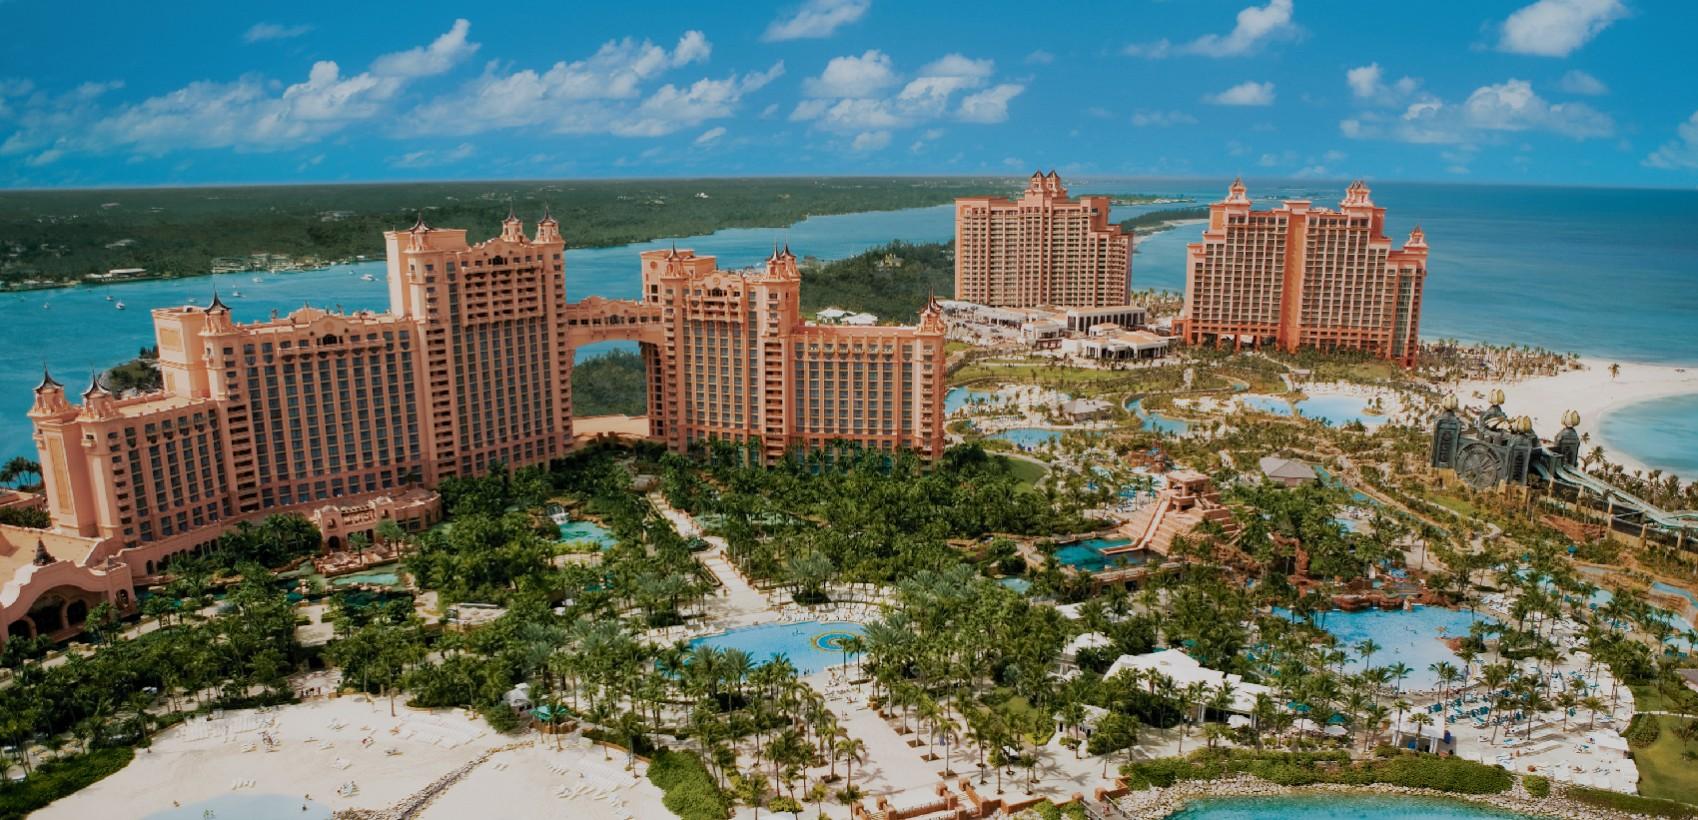 Économisez sur les séjours aux hôtels Atlantis des Bahamas avec Vacances WestJet